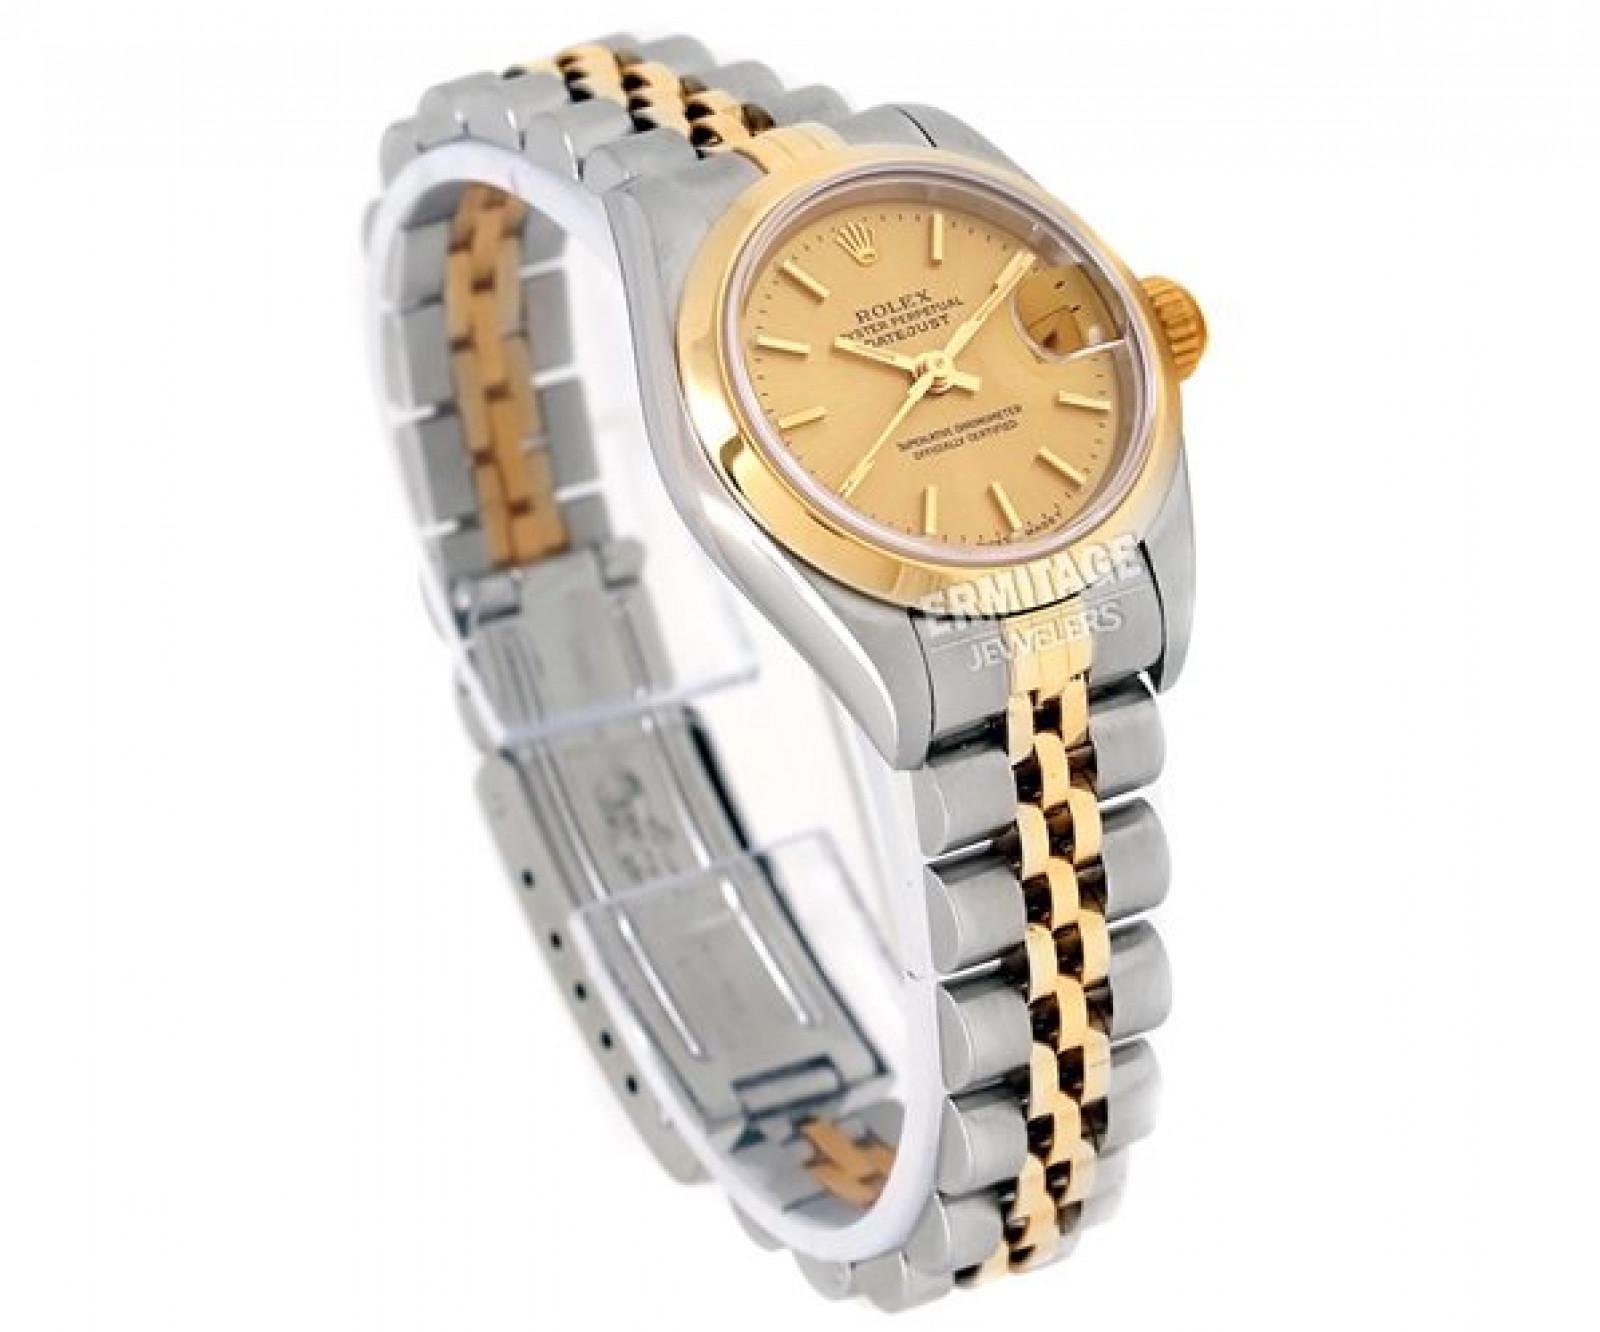 Rolex Datejust 69163 Gold & Steel